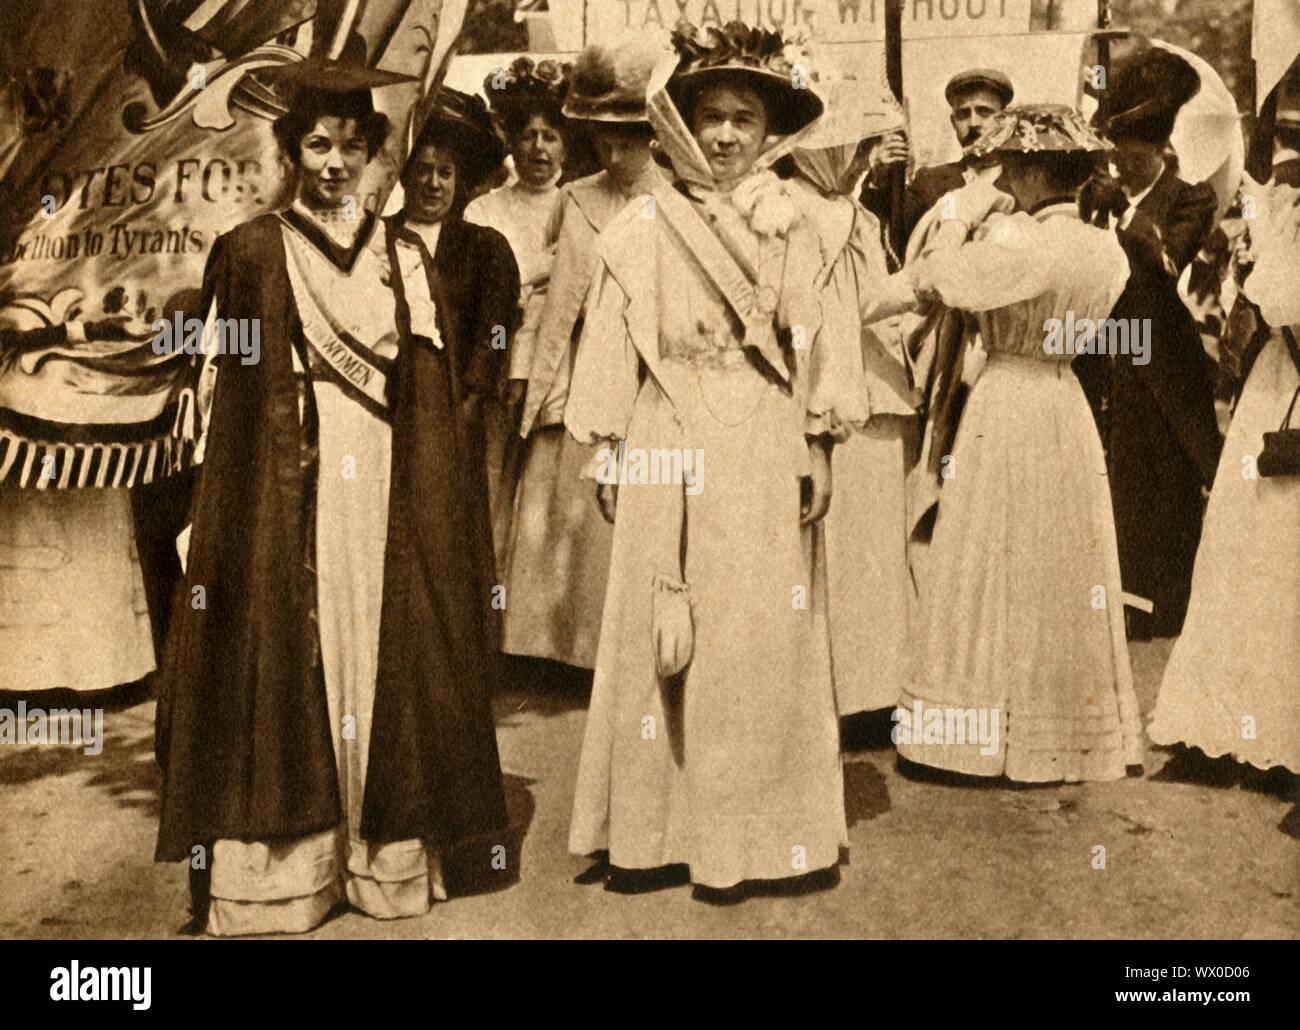 """Sylvain Pankhurst et Emmeline Pethick-Lawrence, Hyde Park, Londres, 21 juin 1908, (1933). Les militants au suffrage britannique Sylvain Pankhurst (1880-1958) et Emmeline Pethick-Lawrence (1867-1954) lors d'un rassemblement sur le thème """"Women's Sunday'. Les suffragettes ont protesté par l'action directe et la désobéissance civile, l'atteinte au suffrage partiel en 1918. Ce n'est qu'en 1928 que toutes les femmes enfin gainied le droit de vote. Le Pageant de """"du siècle"""". Odhams Press Ltd, [1933] Banque D'Images"""